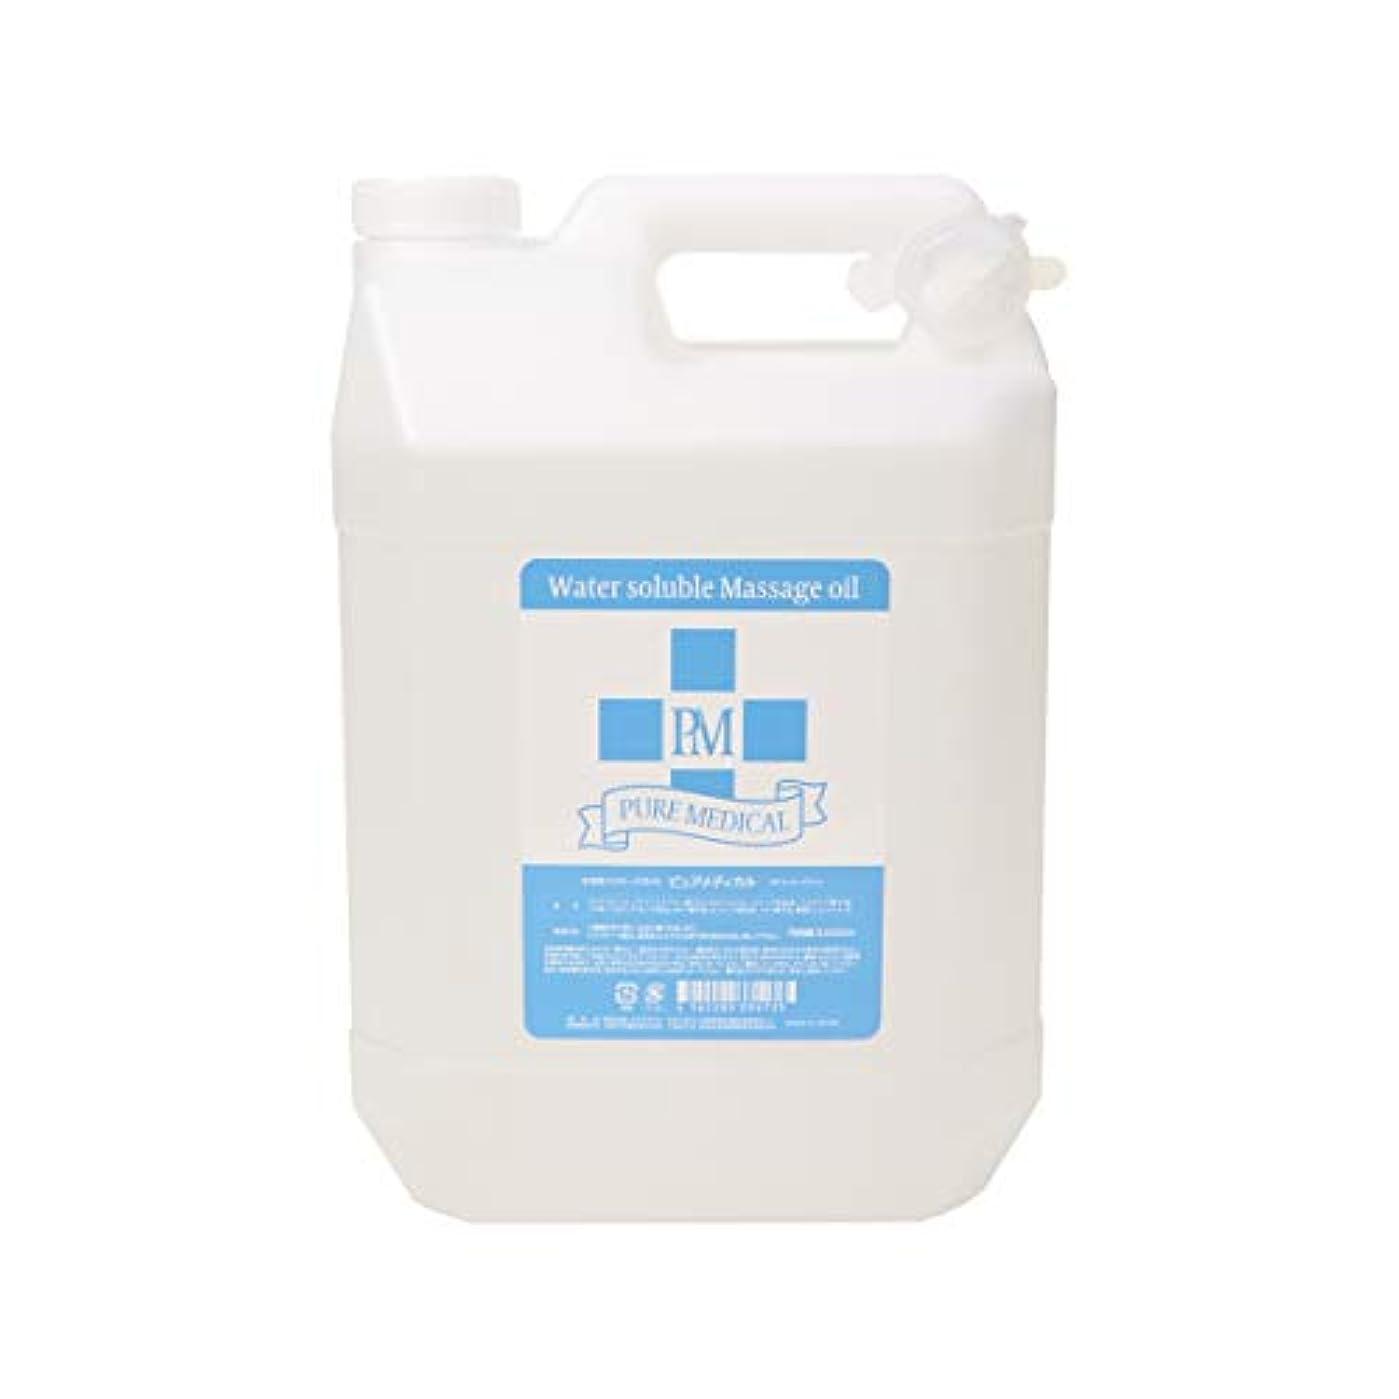 教育の面ではウミウシPURE MEDICAL(ピュアメディカル) 水溶性マッサージオイル 5L マッサージオイル ボディオイル PM 無香料 日本製 業務用 ボディ用